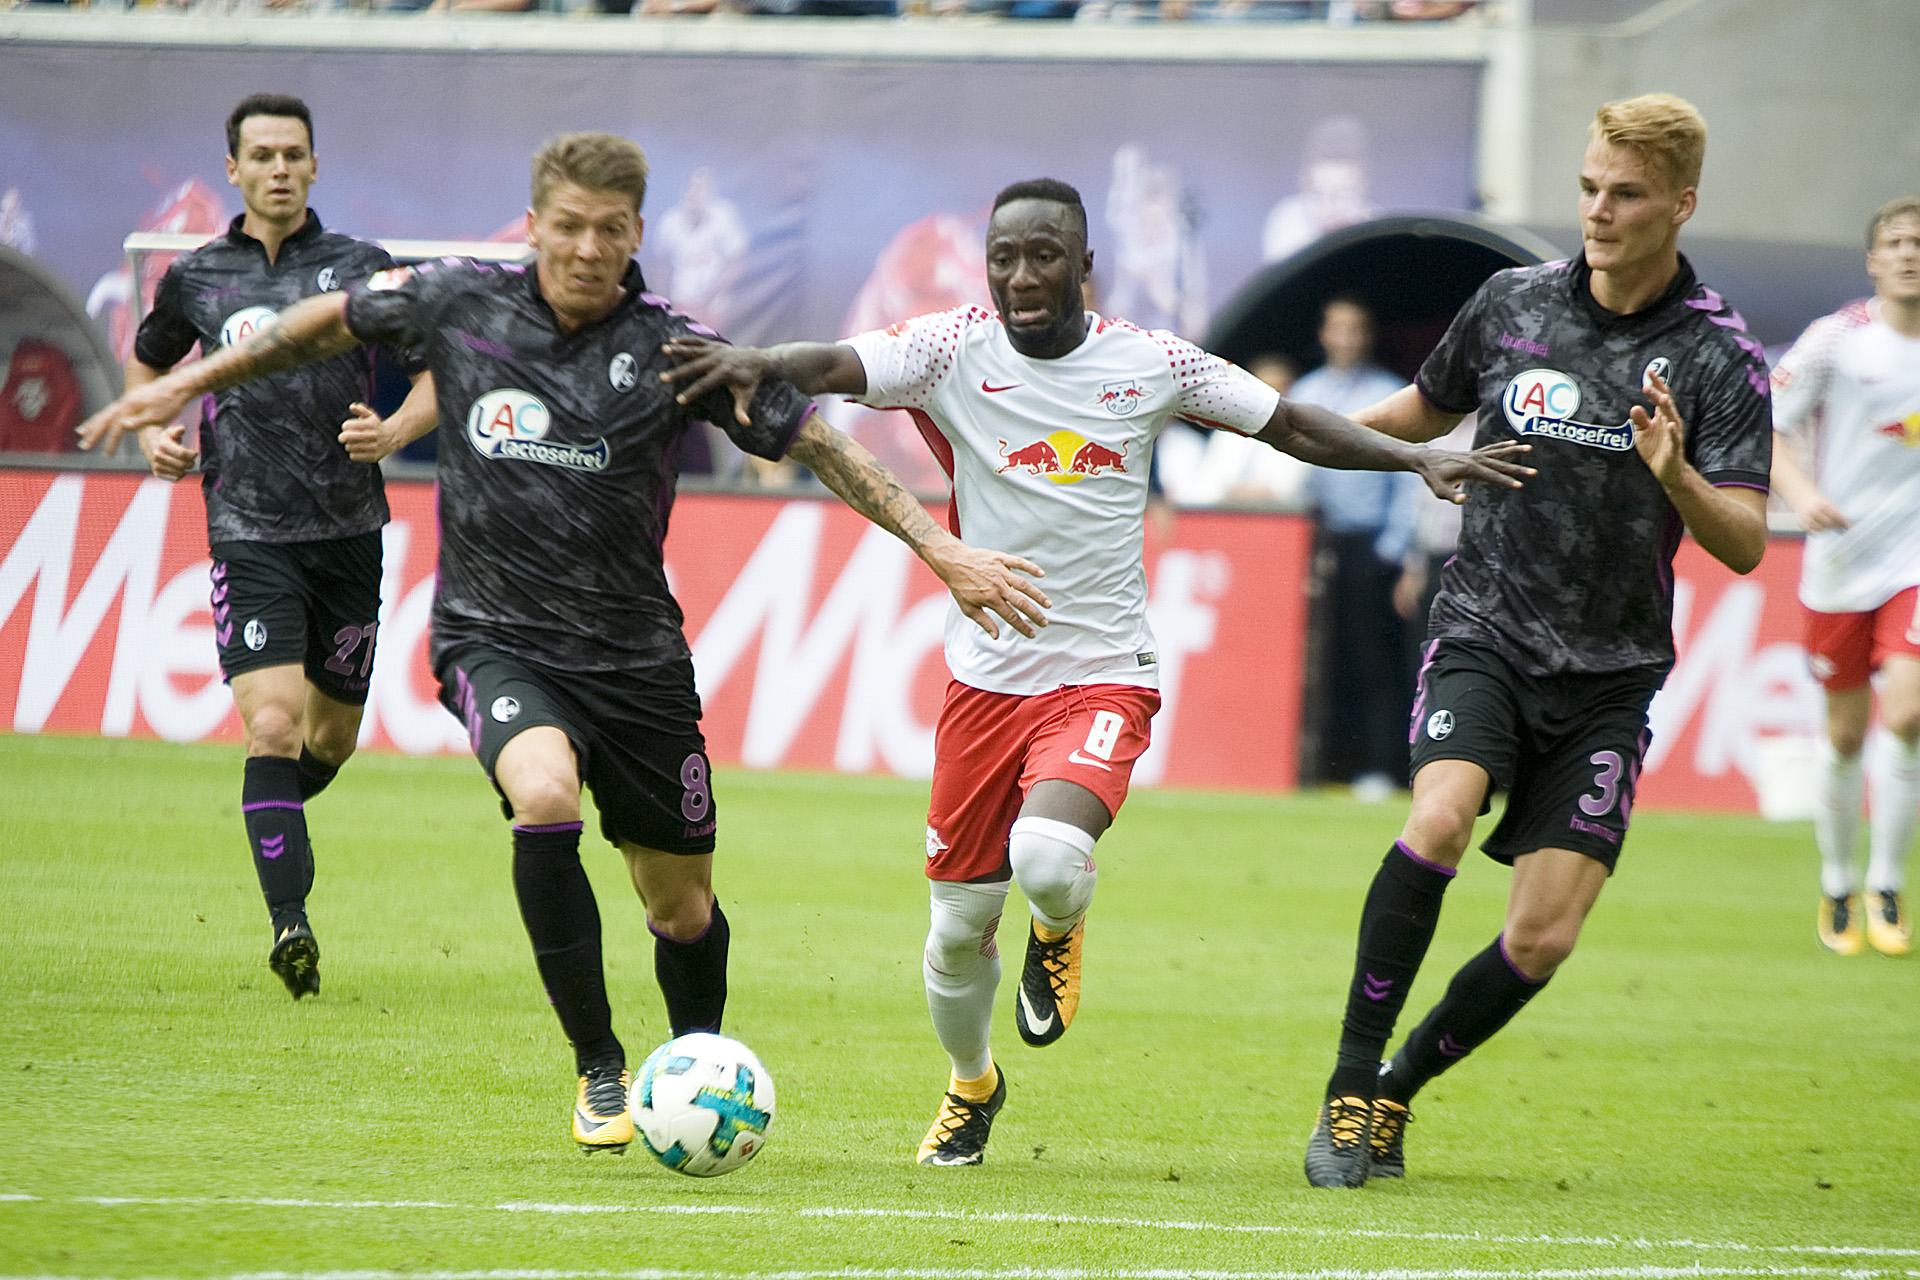 Fußball ist ein Spiel, das ohne den Einsatz von Armen nicht denkbar wäre. | Foto: Dirk Hofmeister